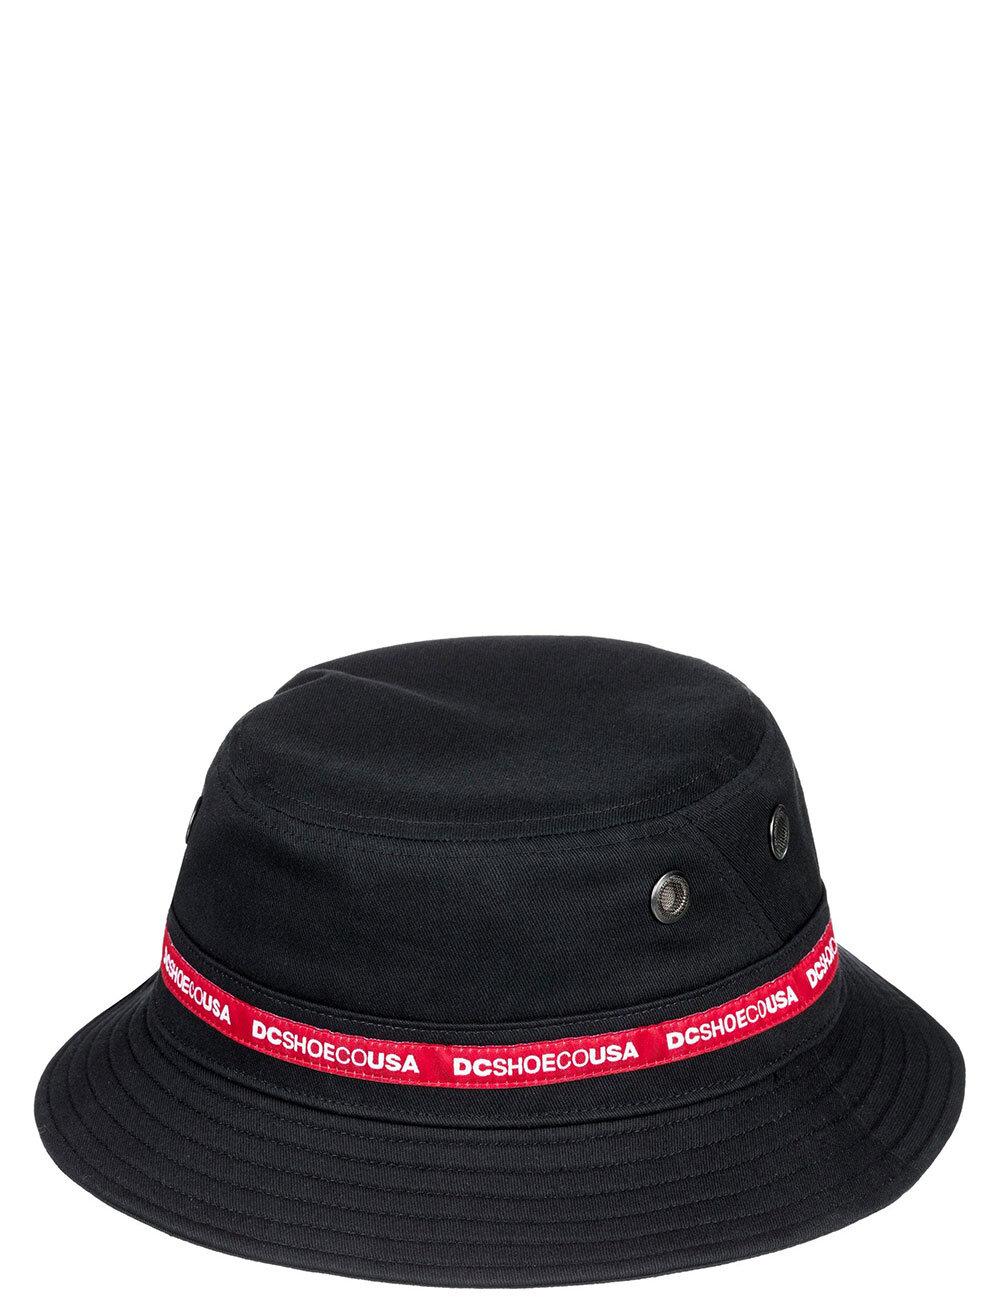 TAPERS BUCKET HAT - Men s Accessories  2d3dc3efc88